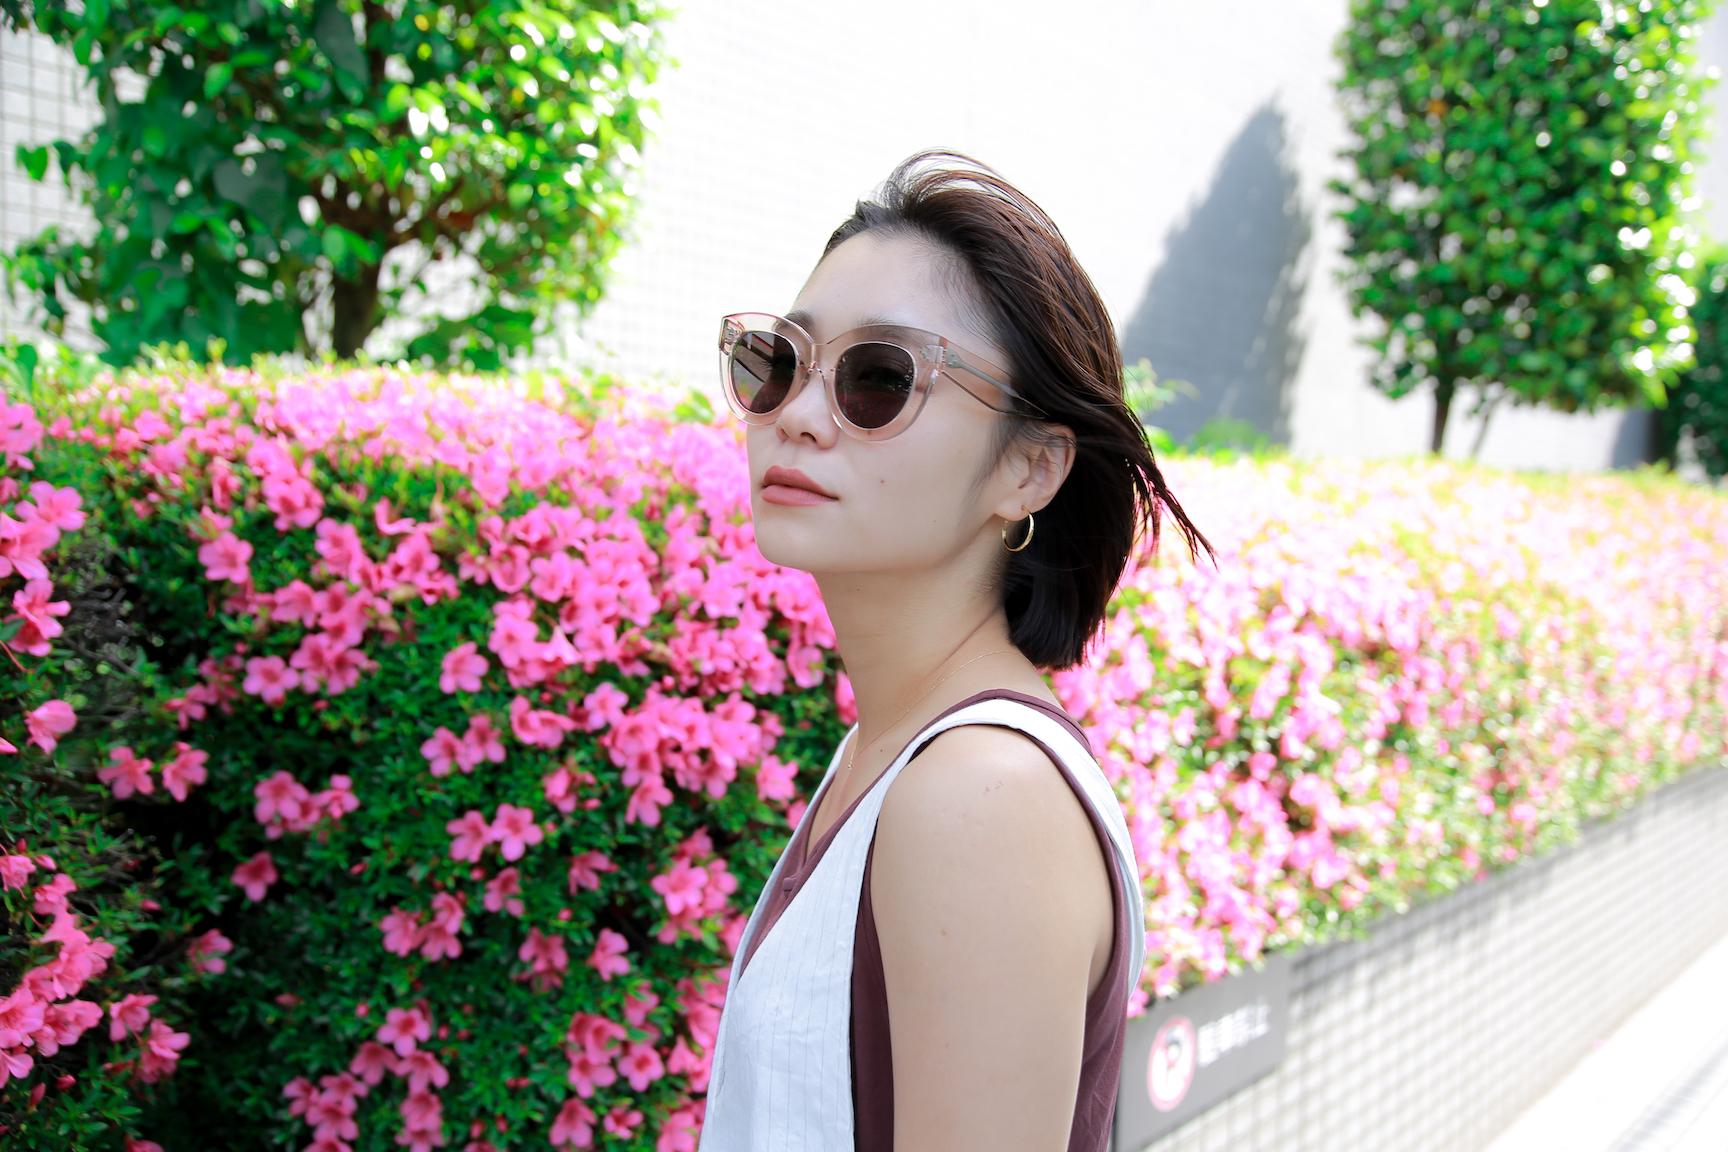 初夏を取り入れるならホワイトオールインワンで/忍舞さんの7days coordinate #Day7